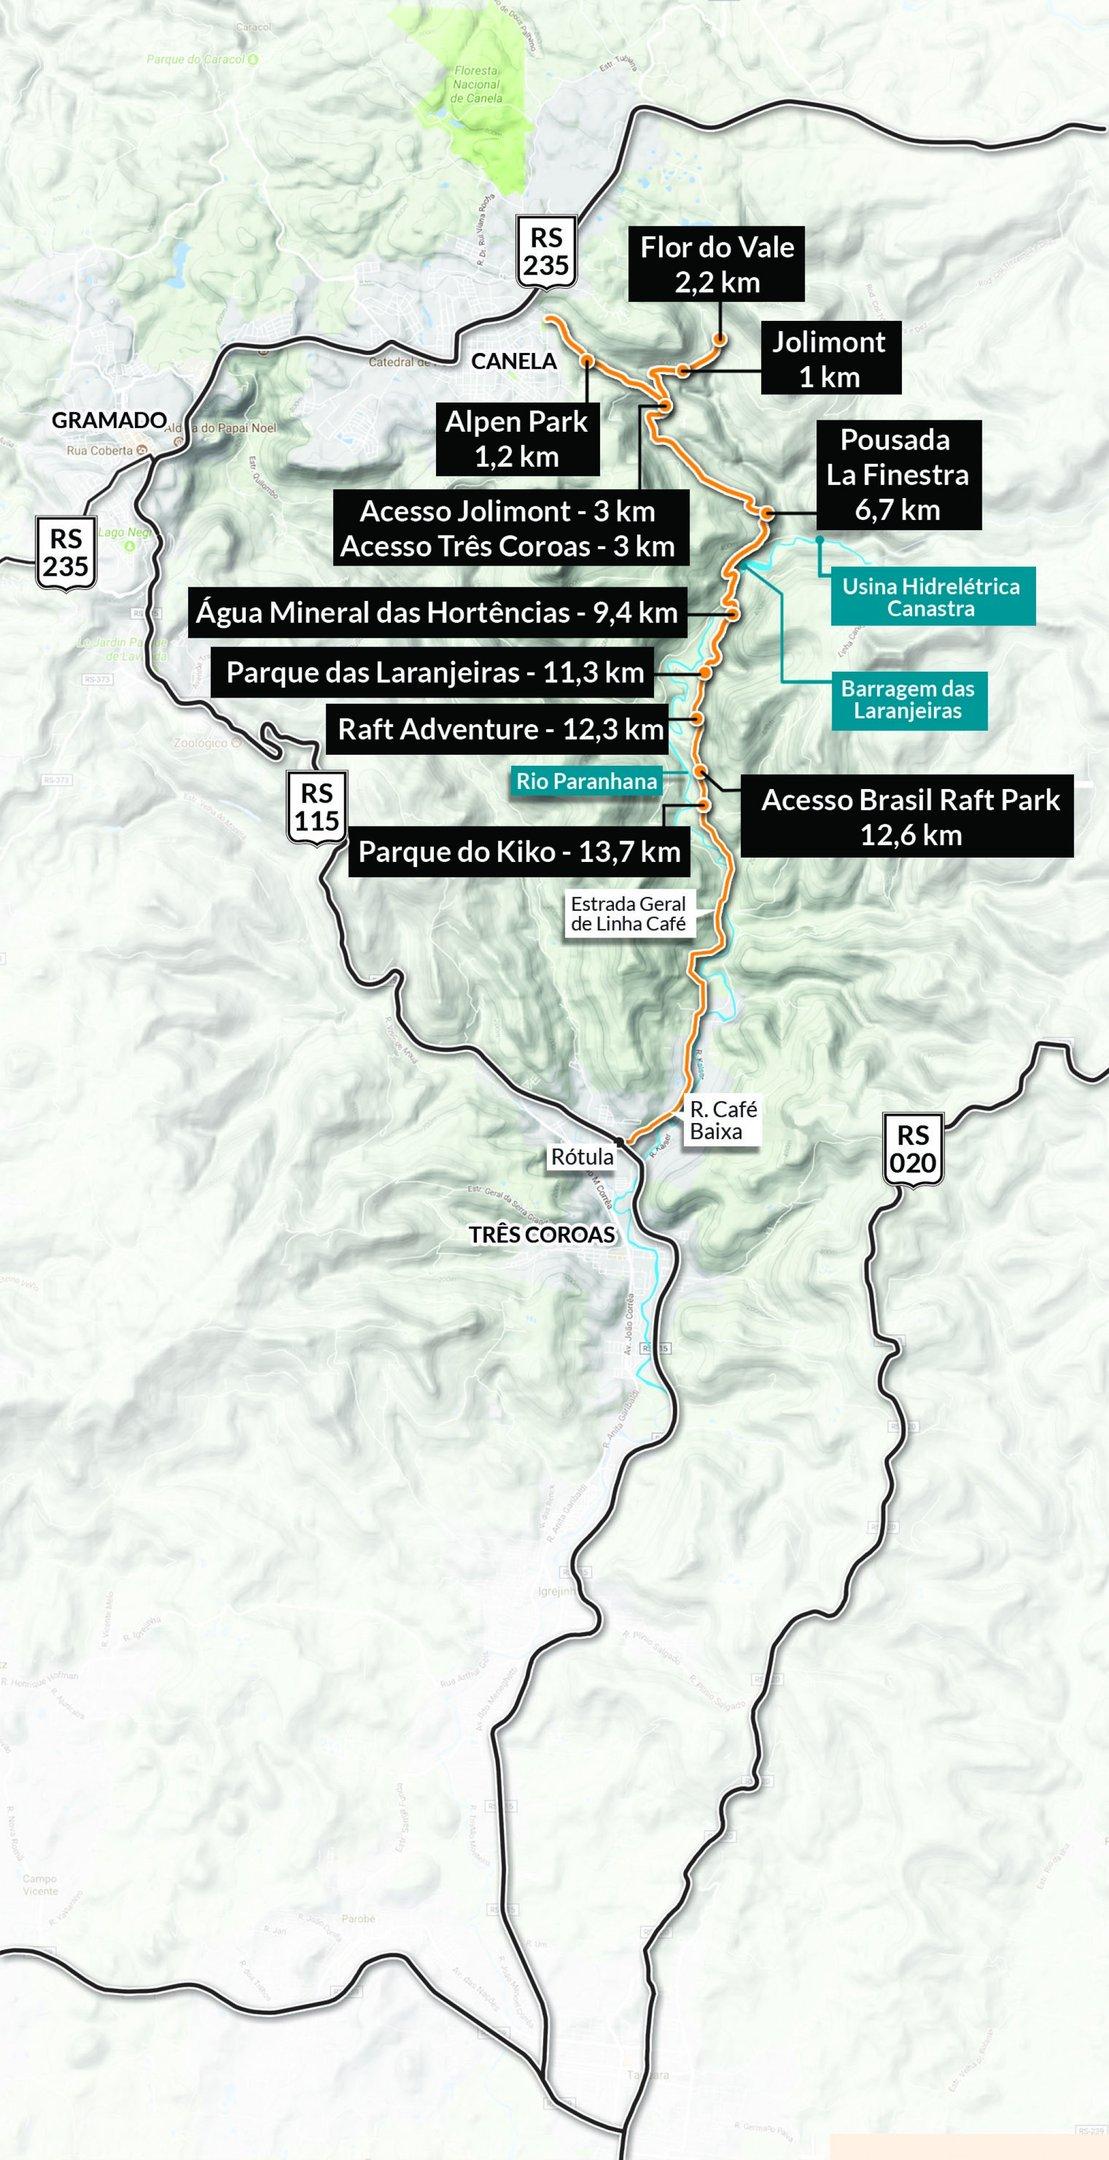 Mapa Canela rio paranhana